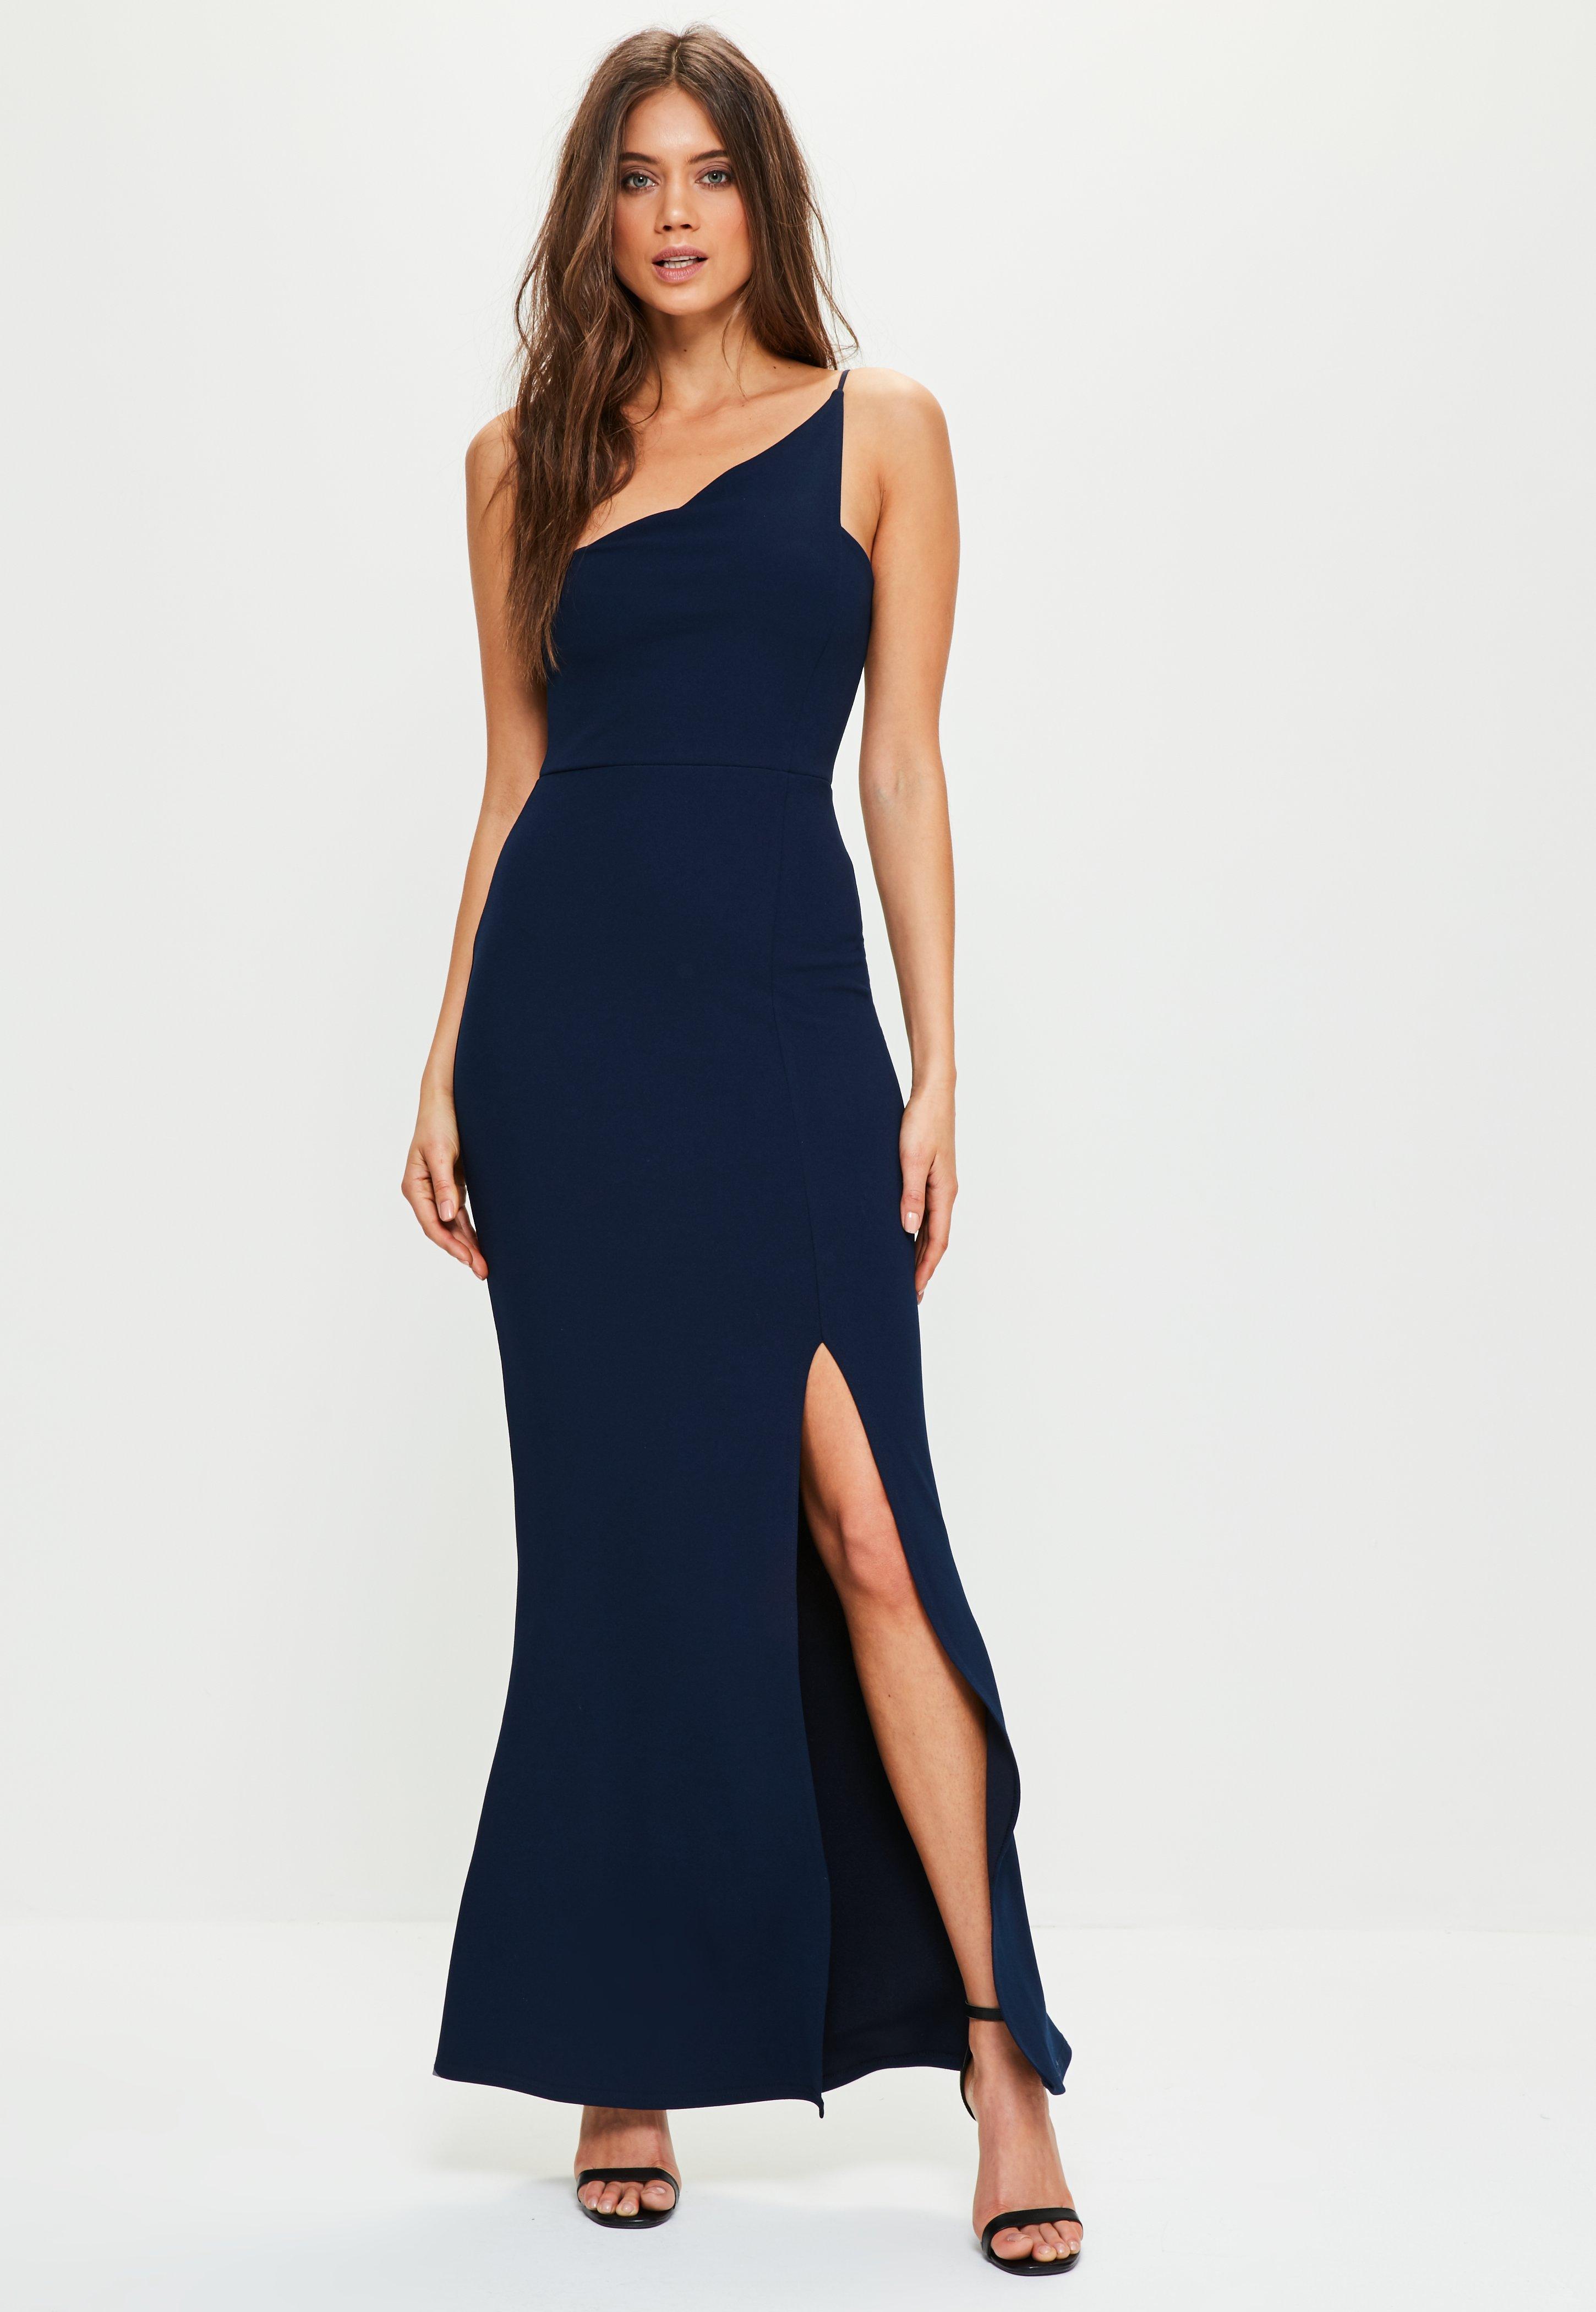 Wedding One Shoulder Dress navy crepe one shoulder maxi dress missguided dress